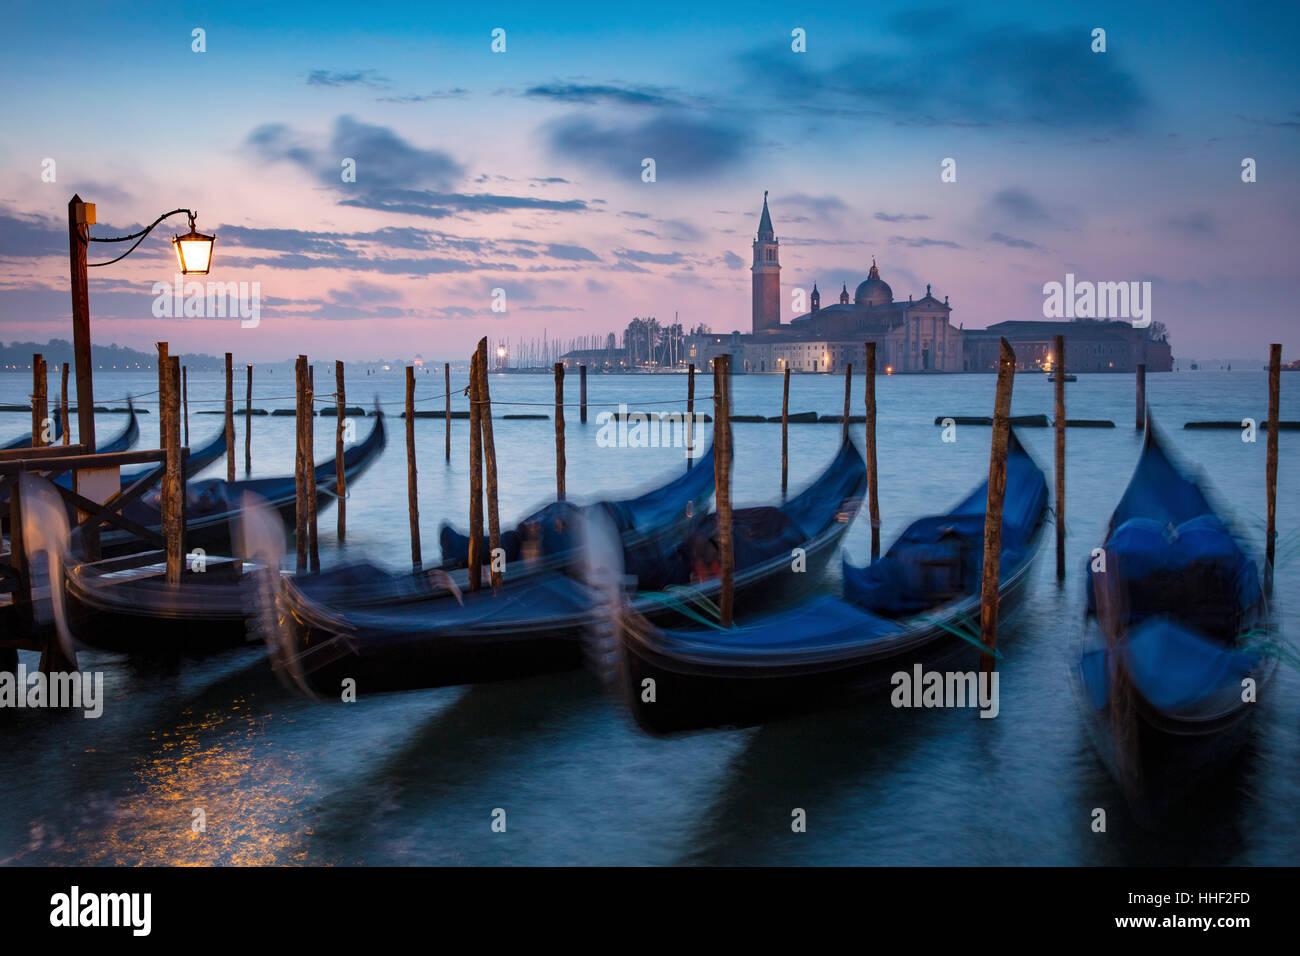 Avant l'aube, la lumière sur les gondoles et San Giorgio Maggiore, à Venise, Vénétie, Italie Banque D'Images